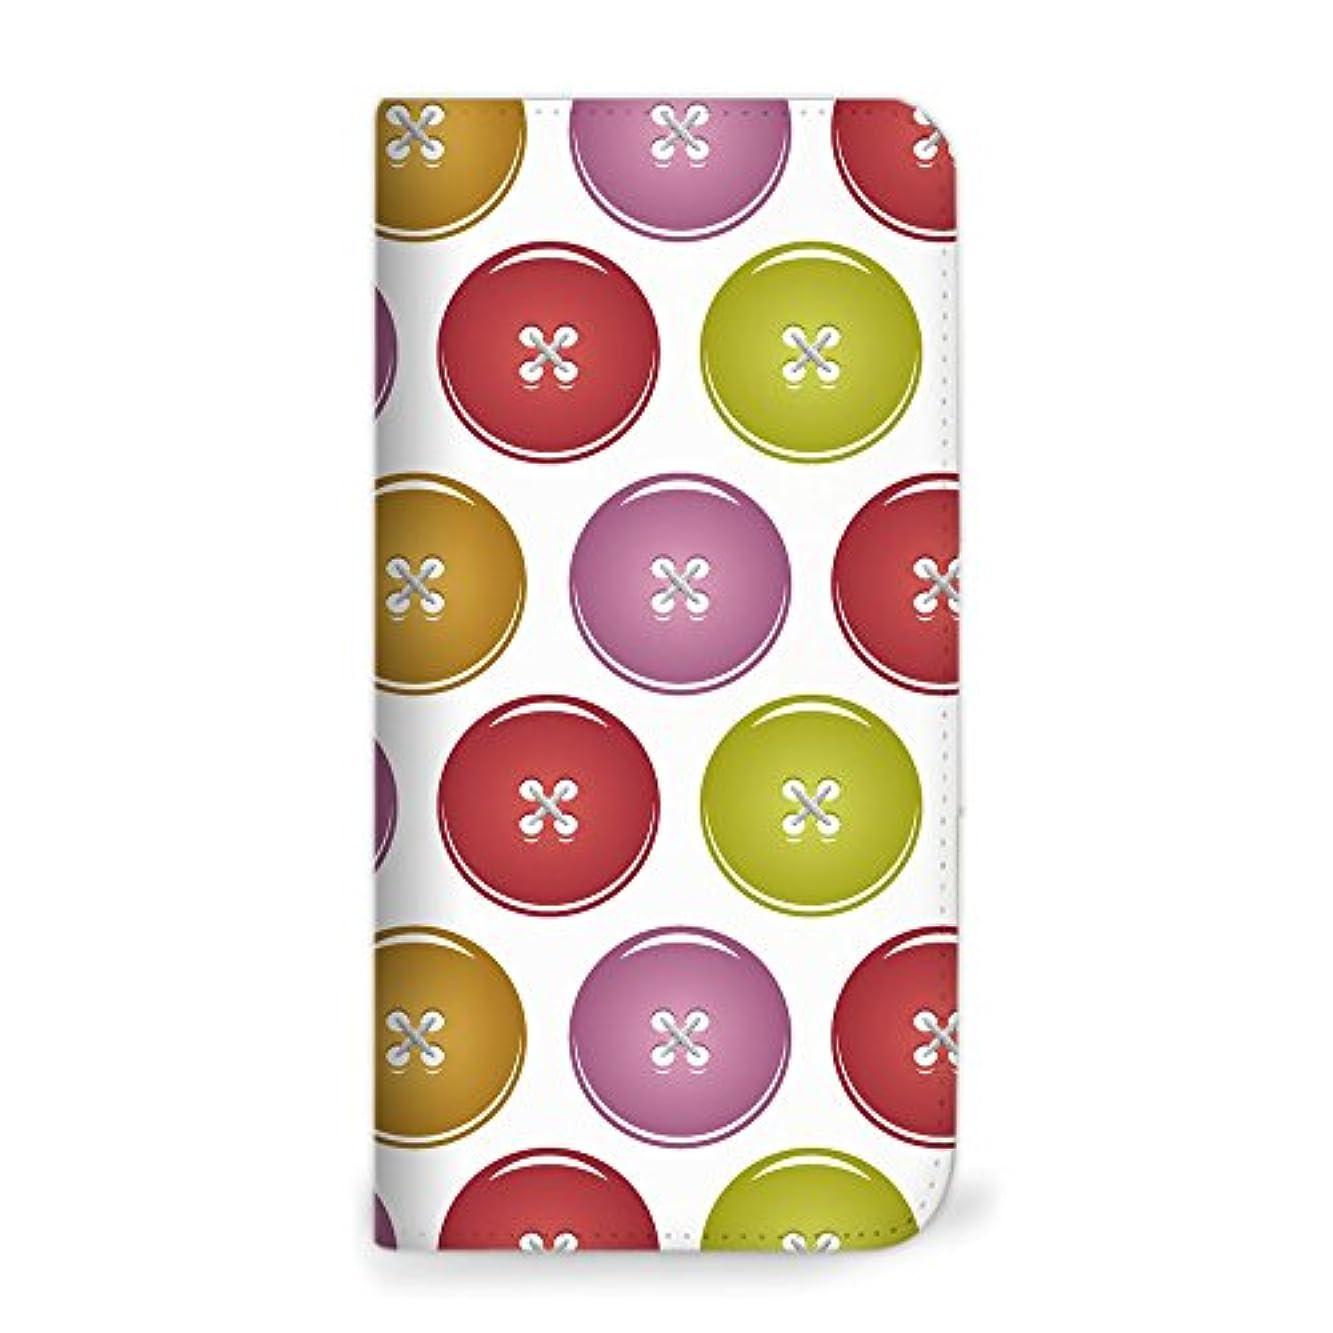 タービンおなじみのチョップmitas Galaxy S8 Plus SC-03J ケース 手帳型 ベルトなし ボタン柄 レッド (342) NB-0061-RD/SC-03J